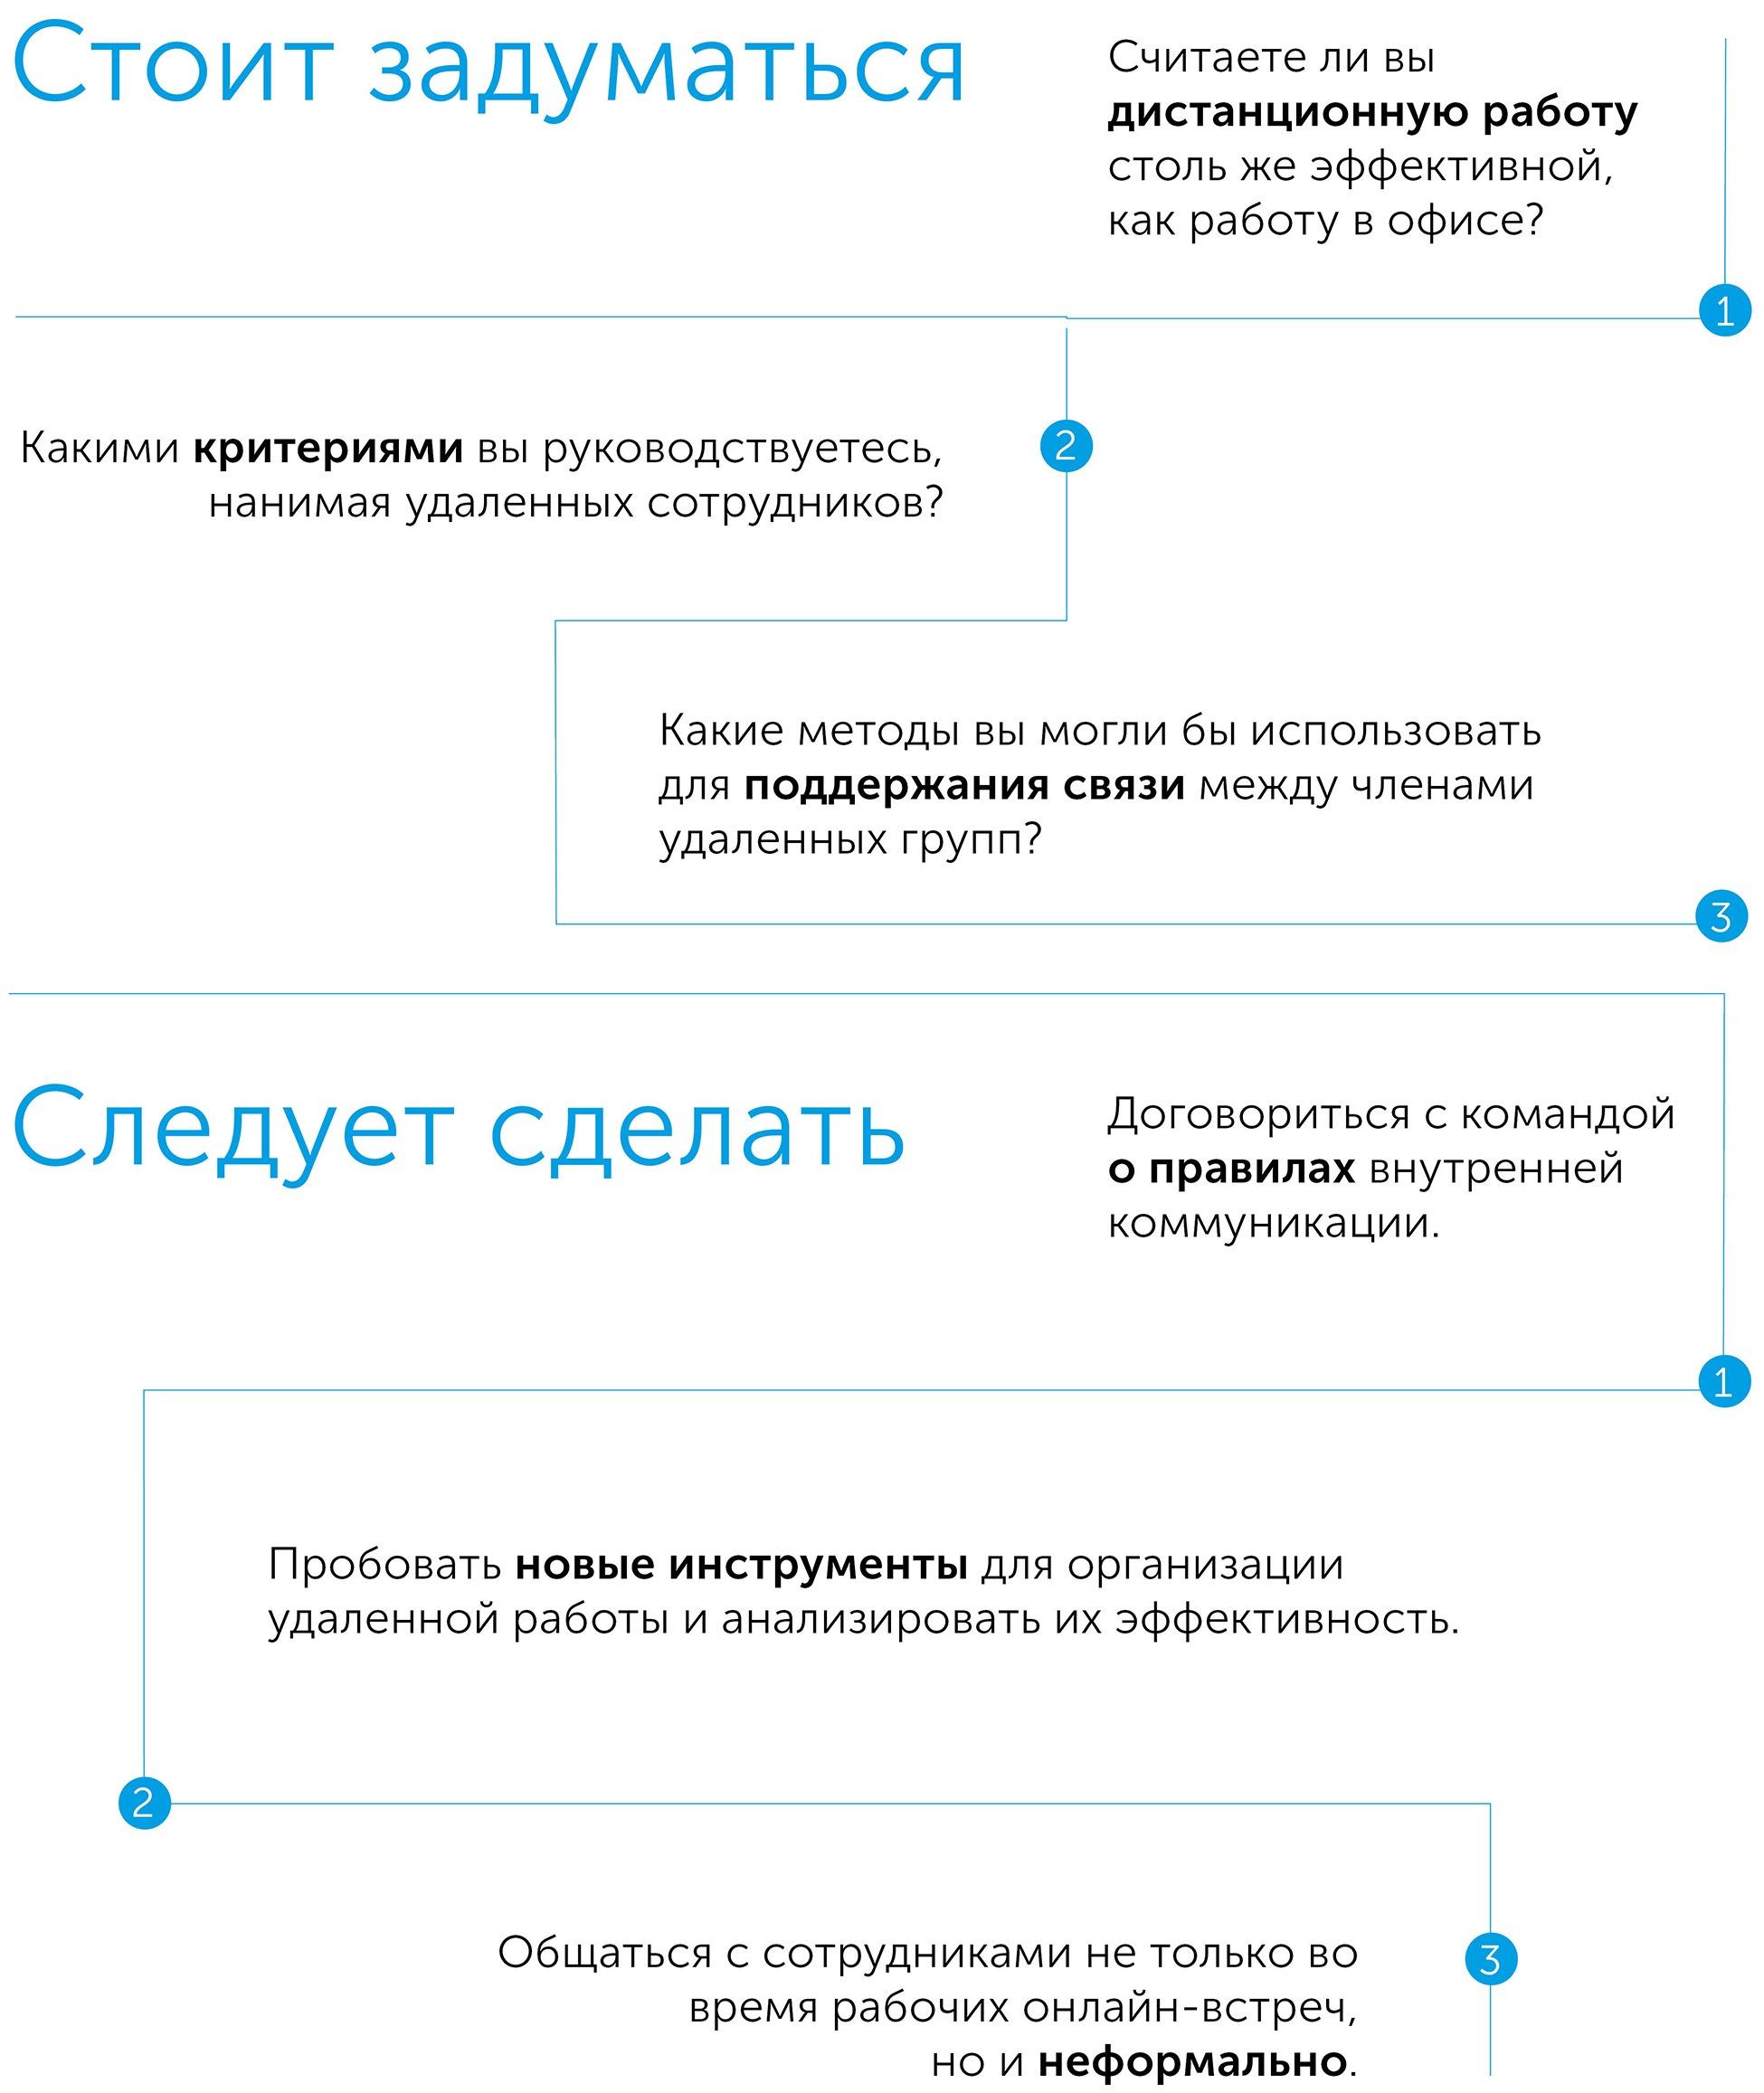 Вместе и где угодно. Инструкция по успешной удаленной работе для сотрудников, руководителей и команд, автор Лизетт Сазерленд   Kyivstar Business Hub, изображение №4